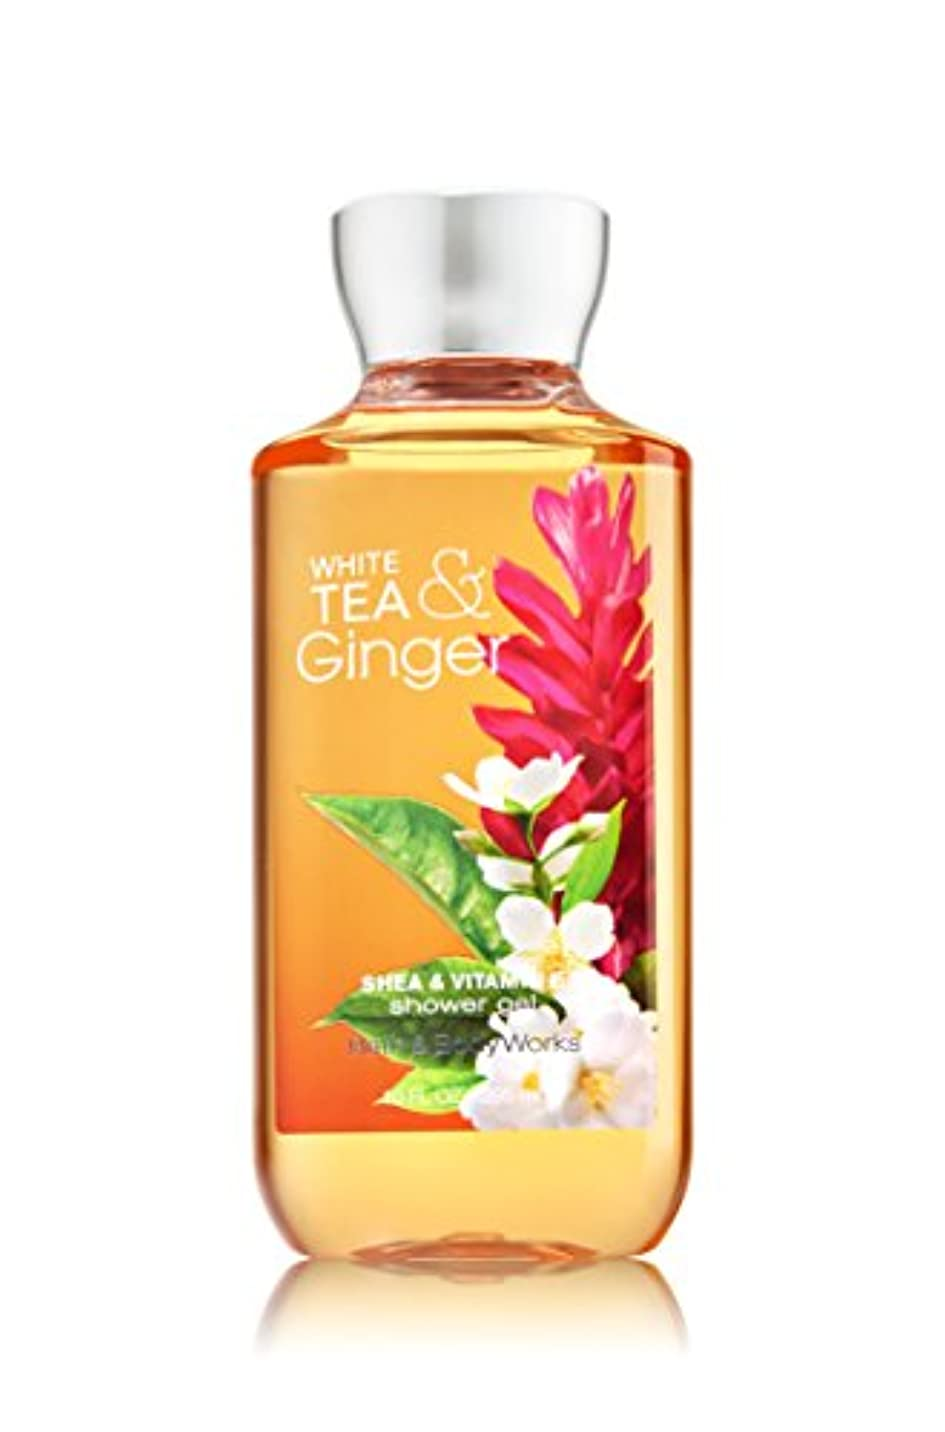 空白関係するバラバラにする【Bath&Body Works/バス&ボディワークス】 シャワージェル ホワイトティー&ジンジャー Shower Gel White Tea & Ginger 10 fl oz / 295 mL [並行輸入品]